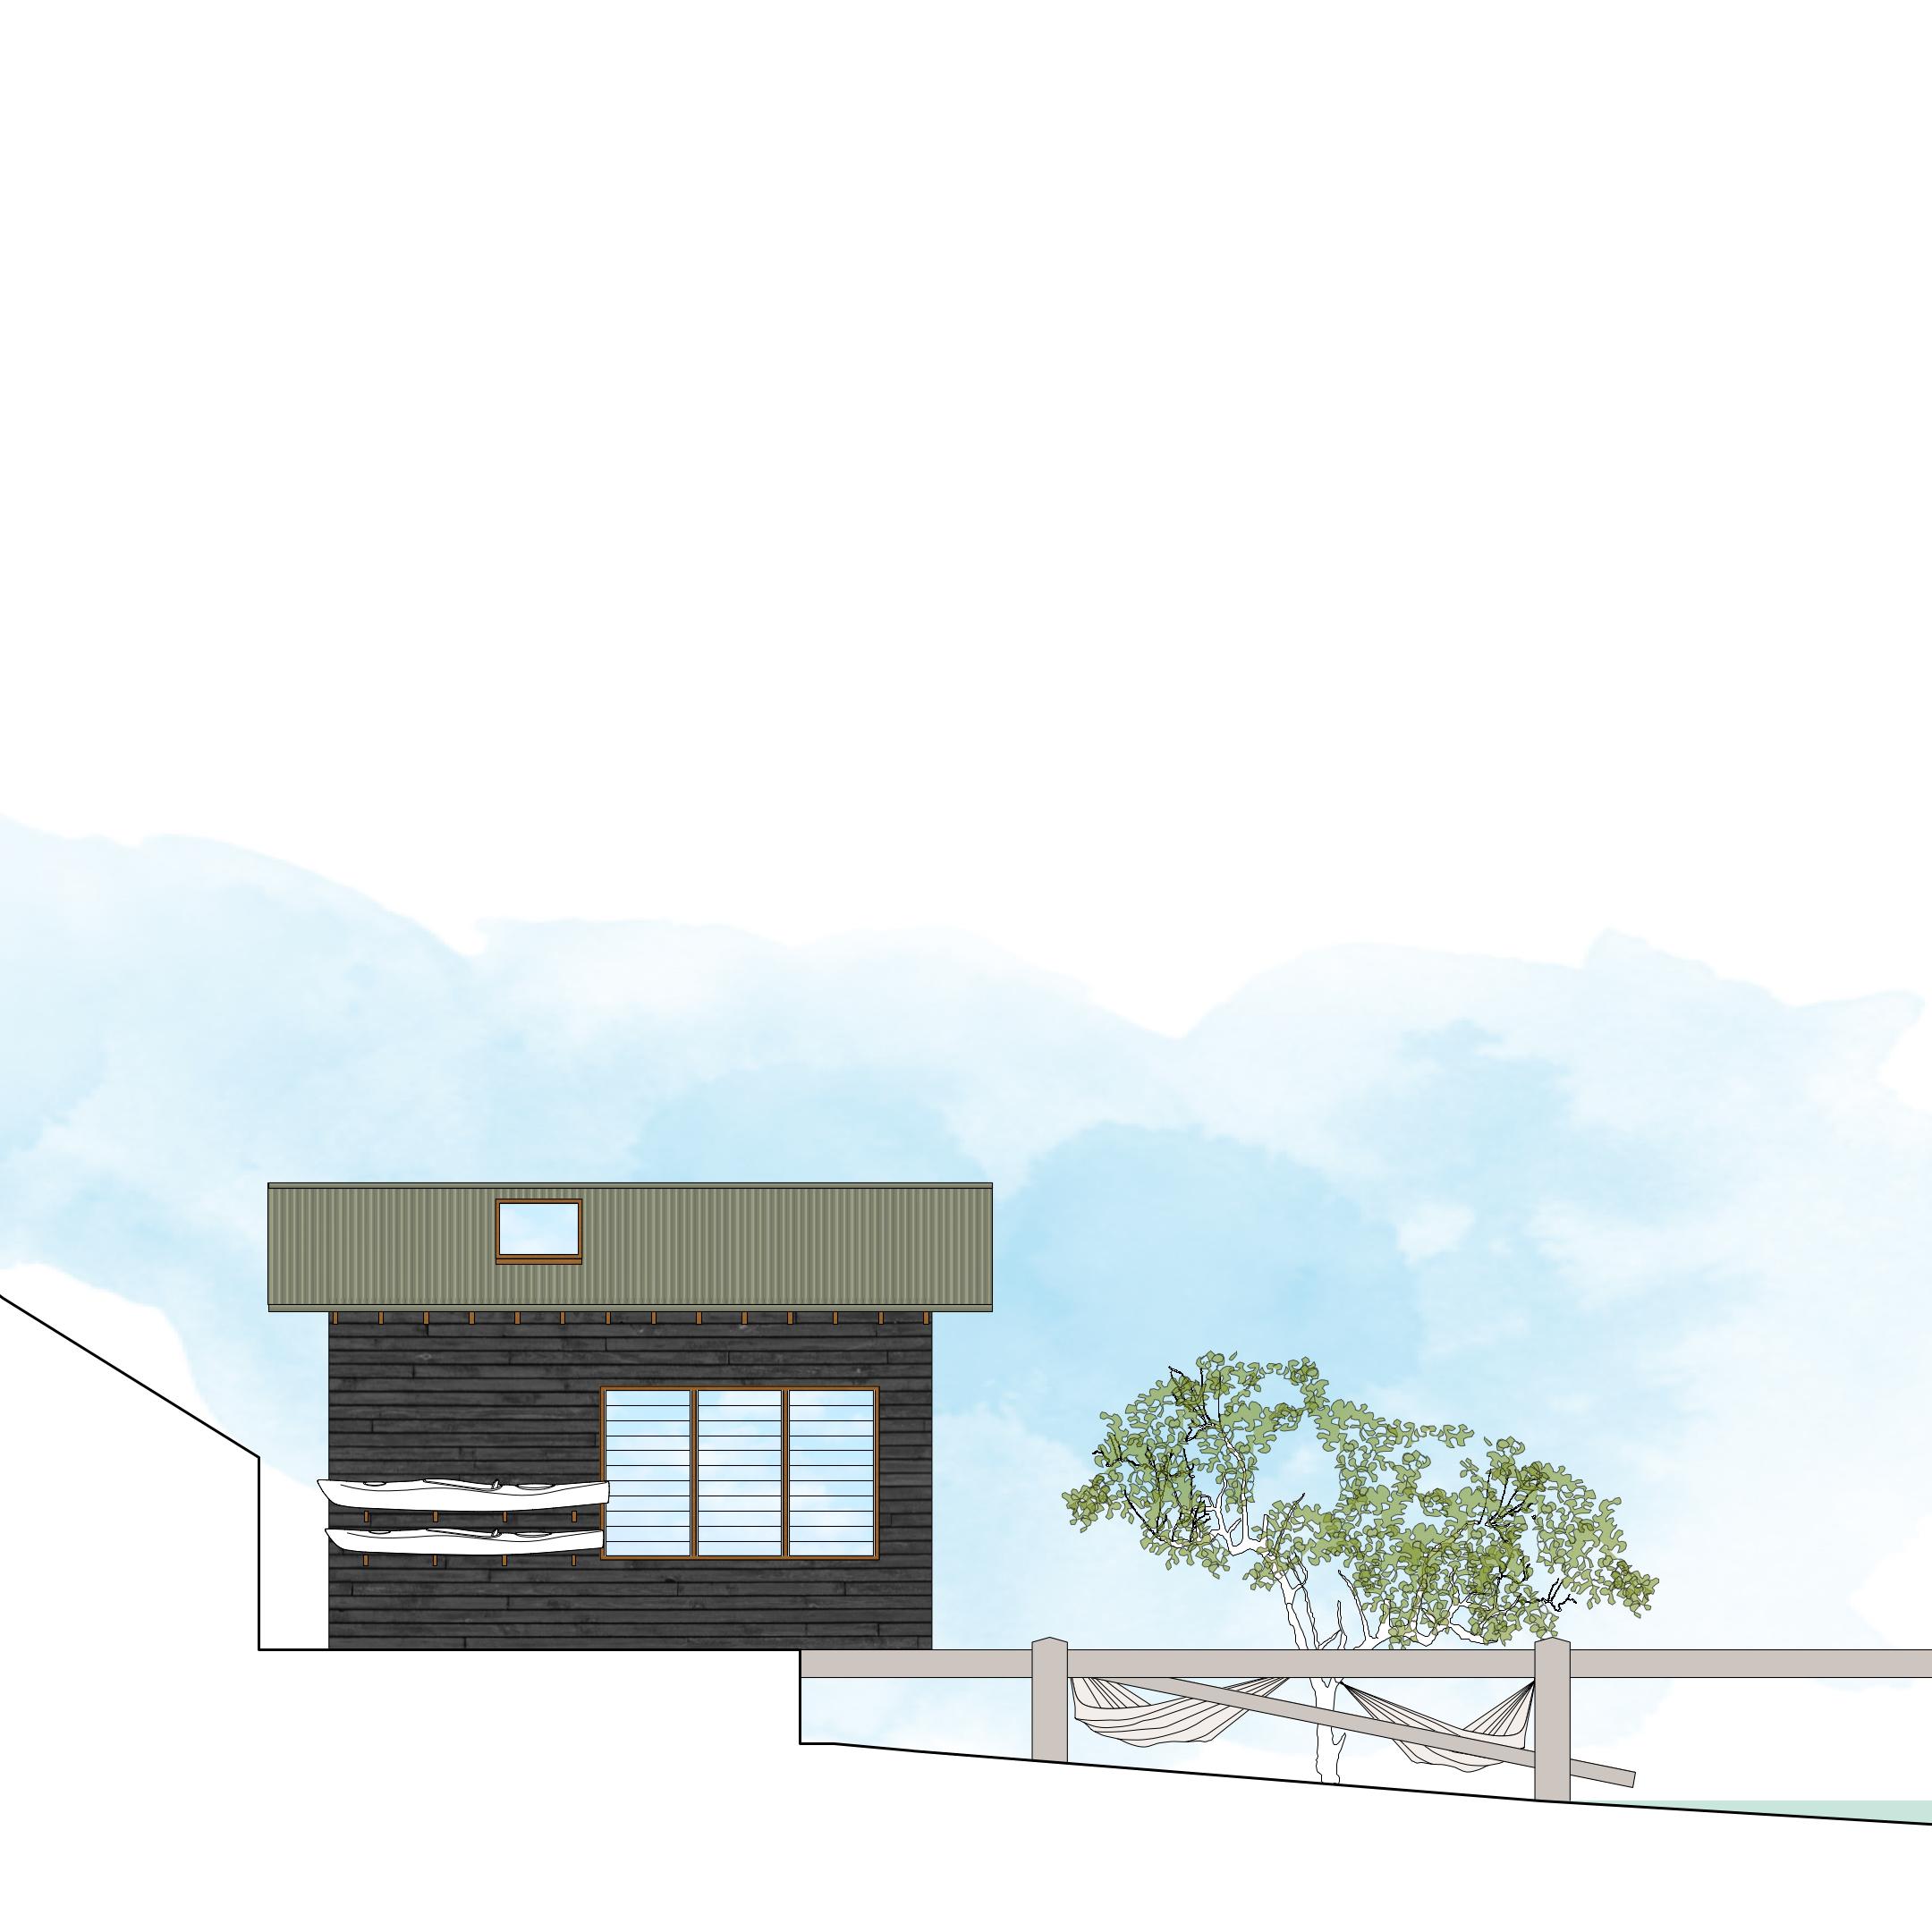 James Allen Architect Boat House 1.jpg